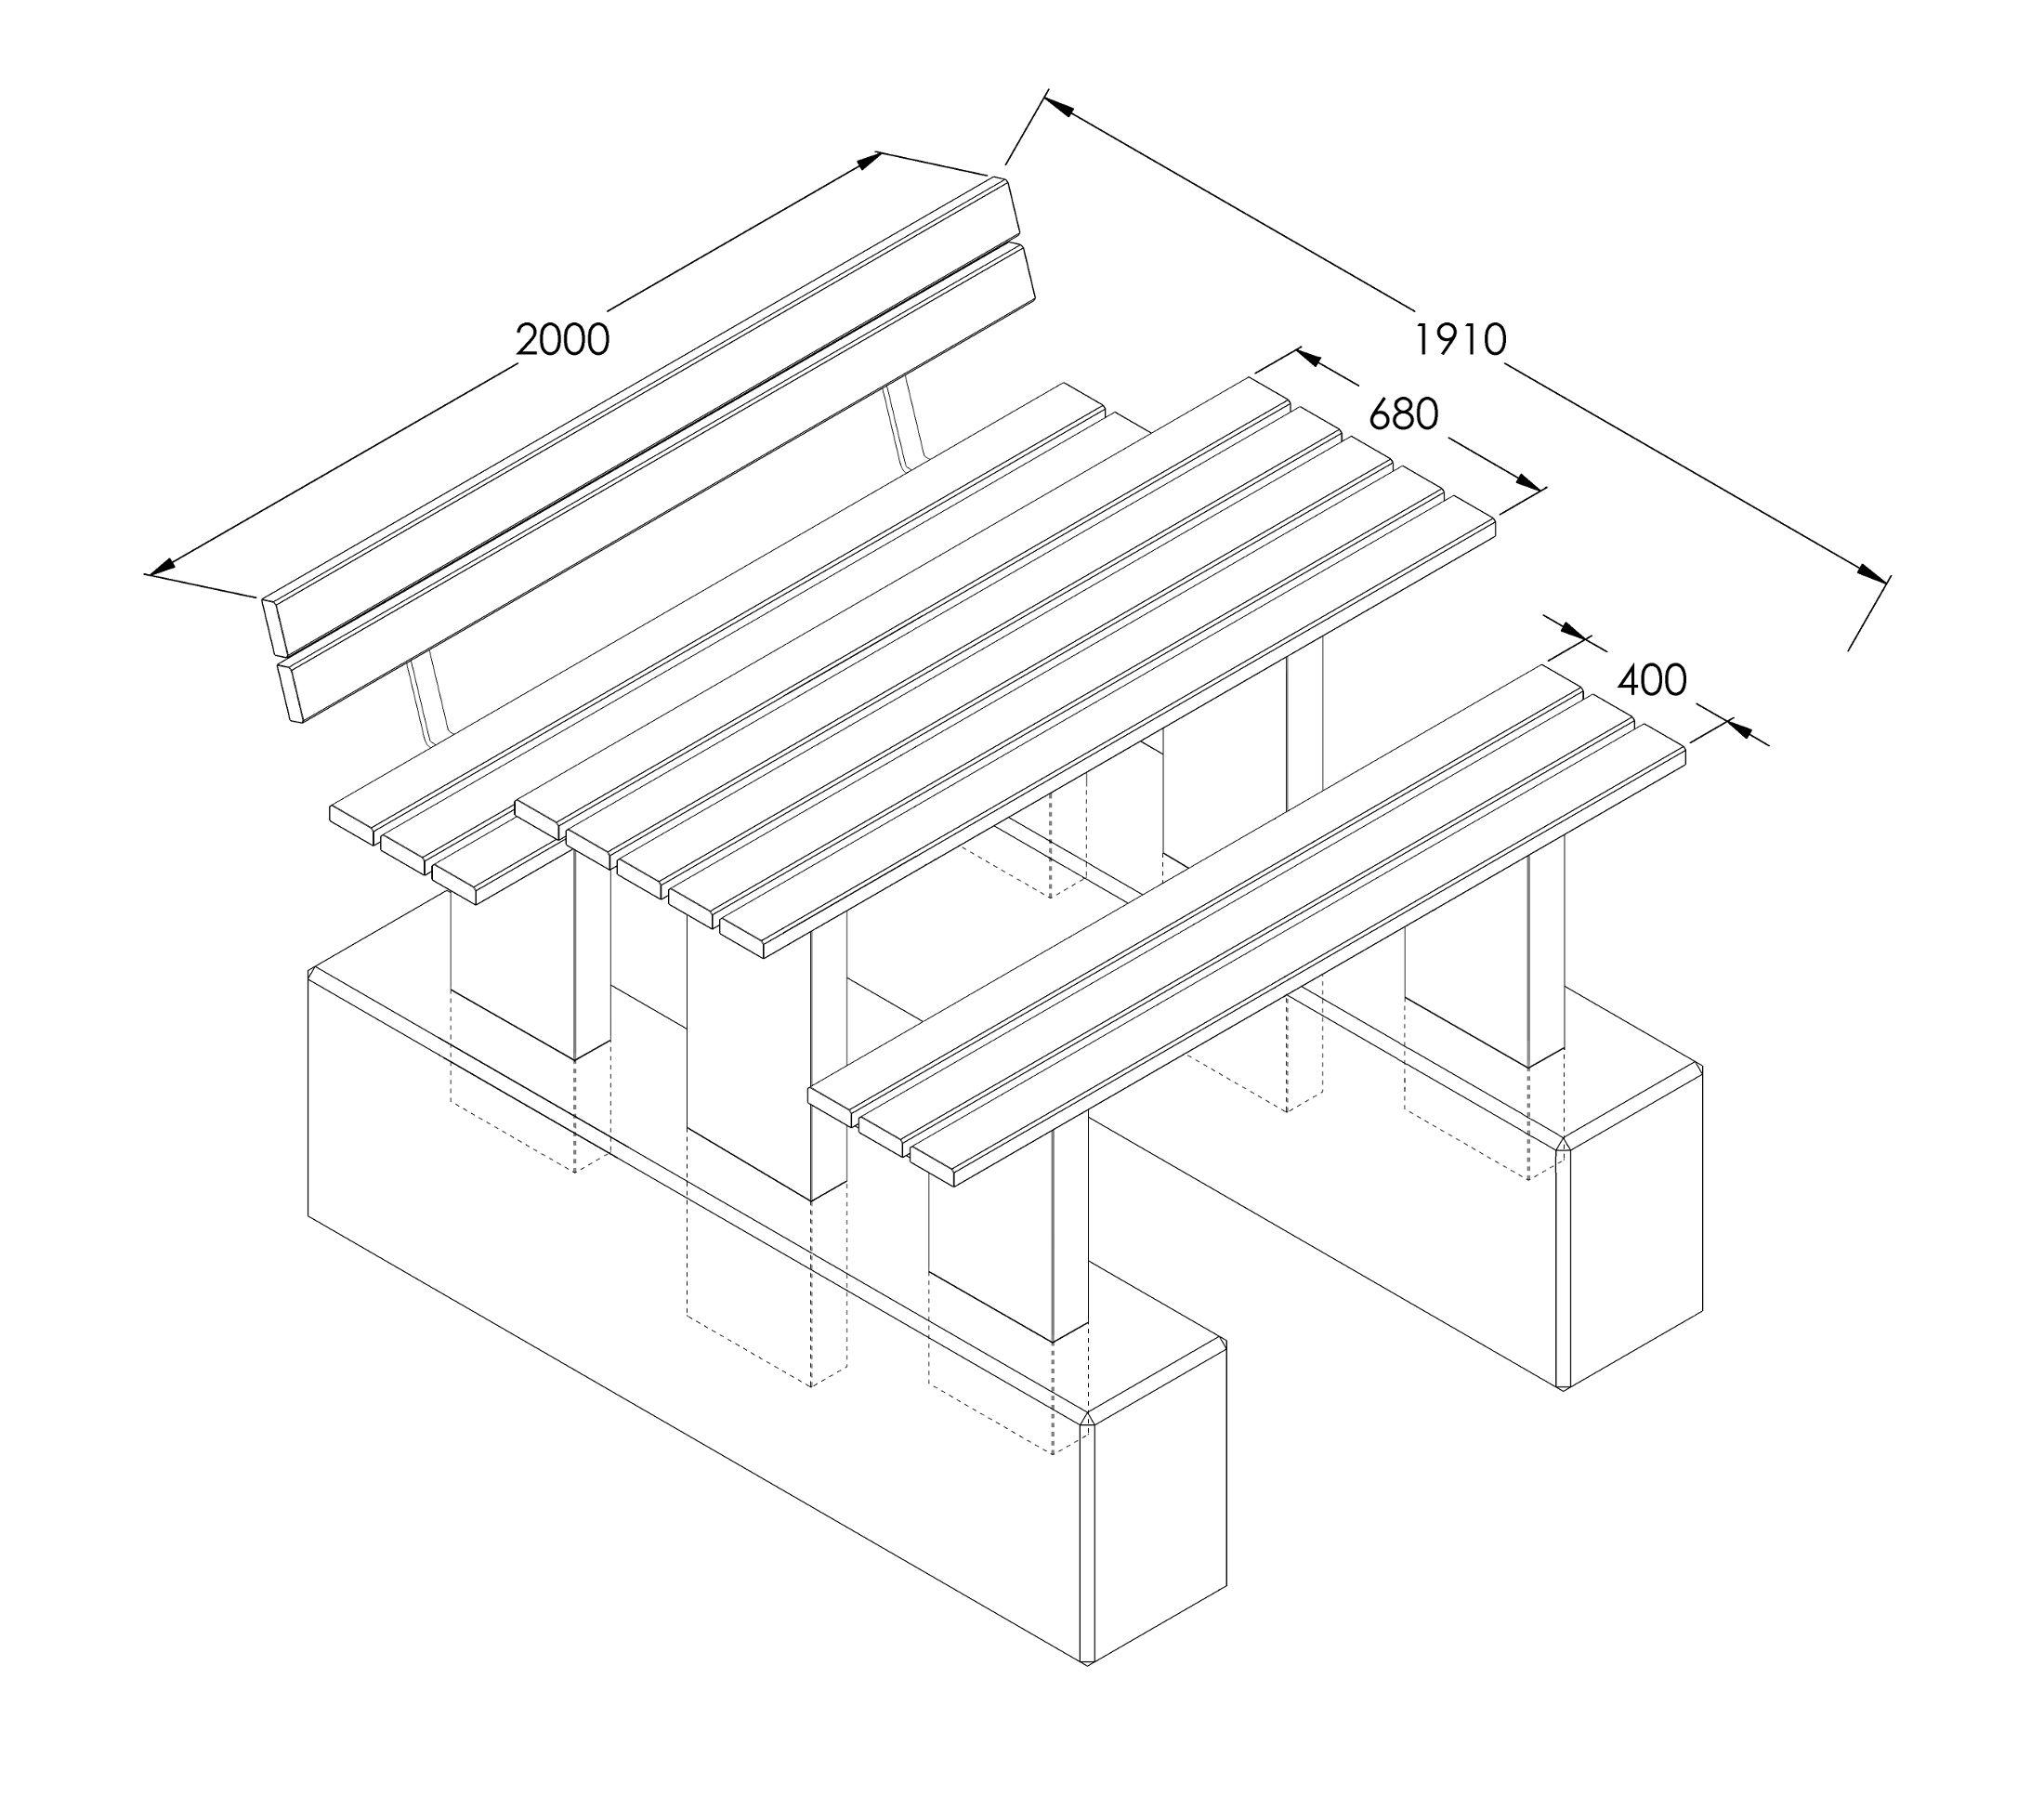 Massskizze_Profil_IV_Sitzgruppe-2200px